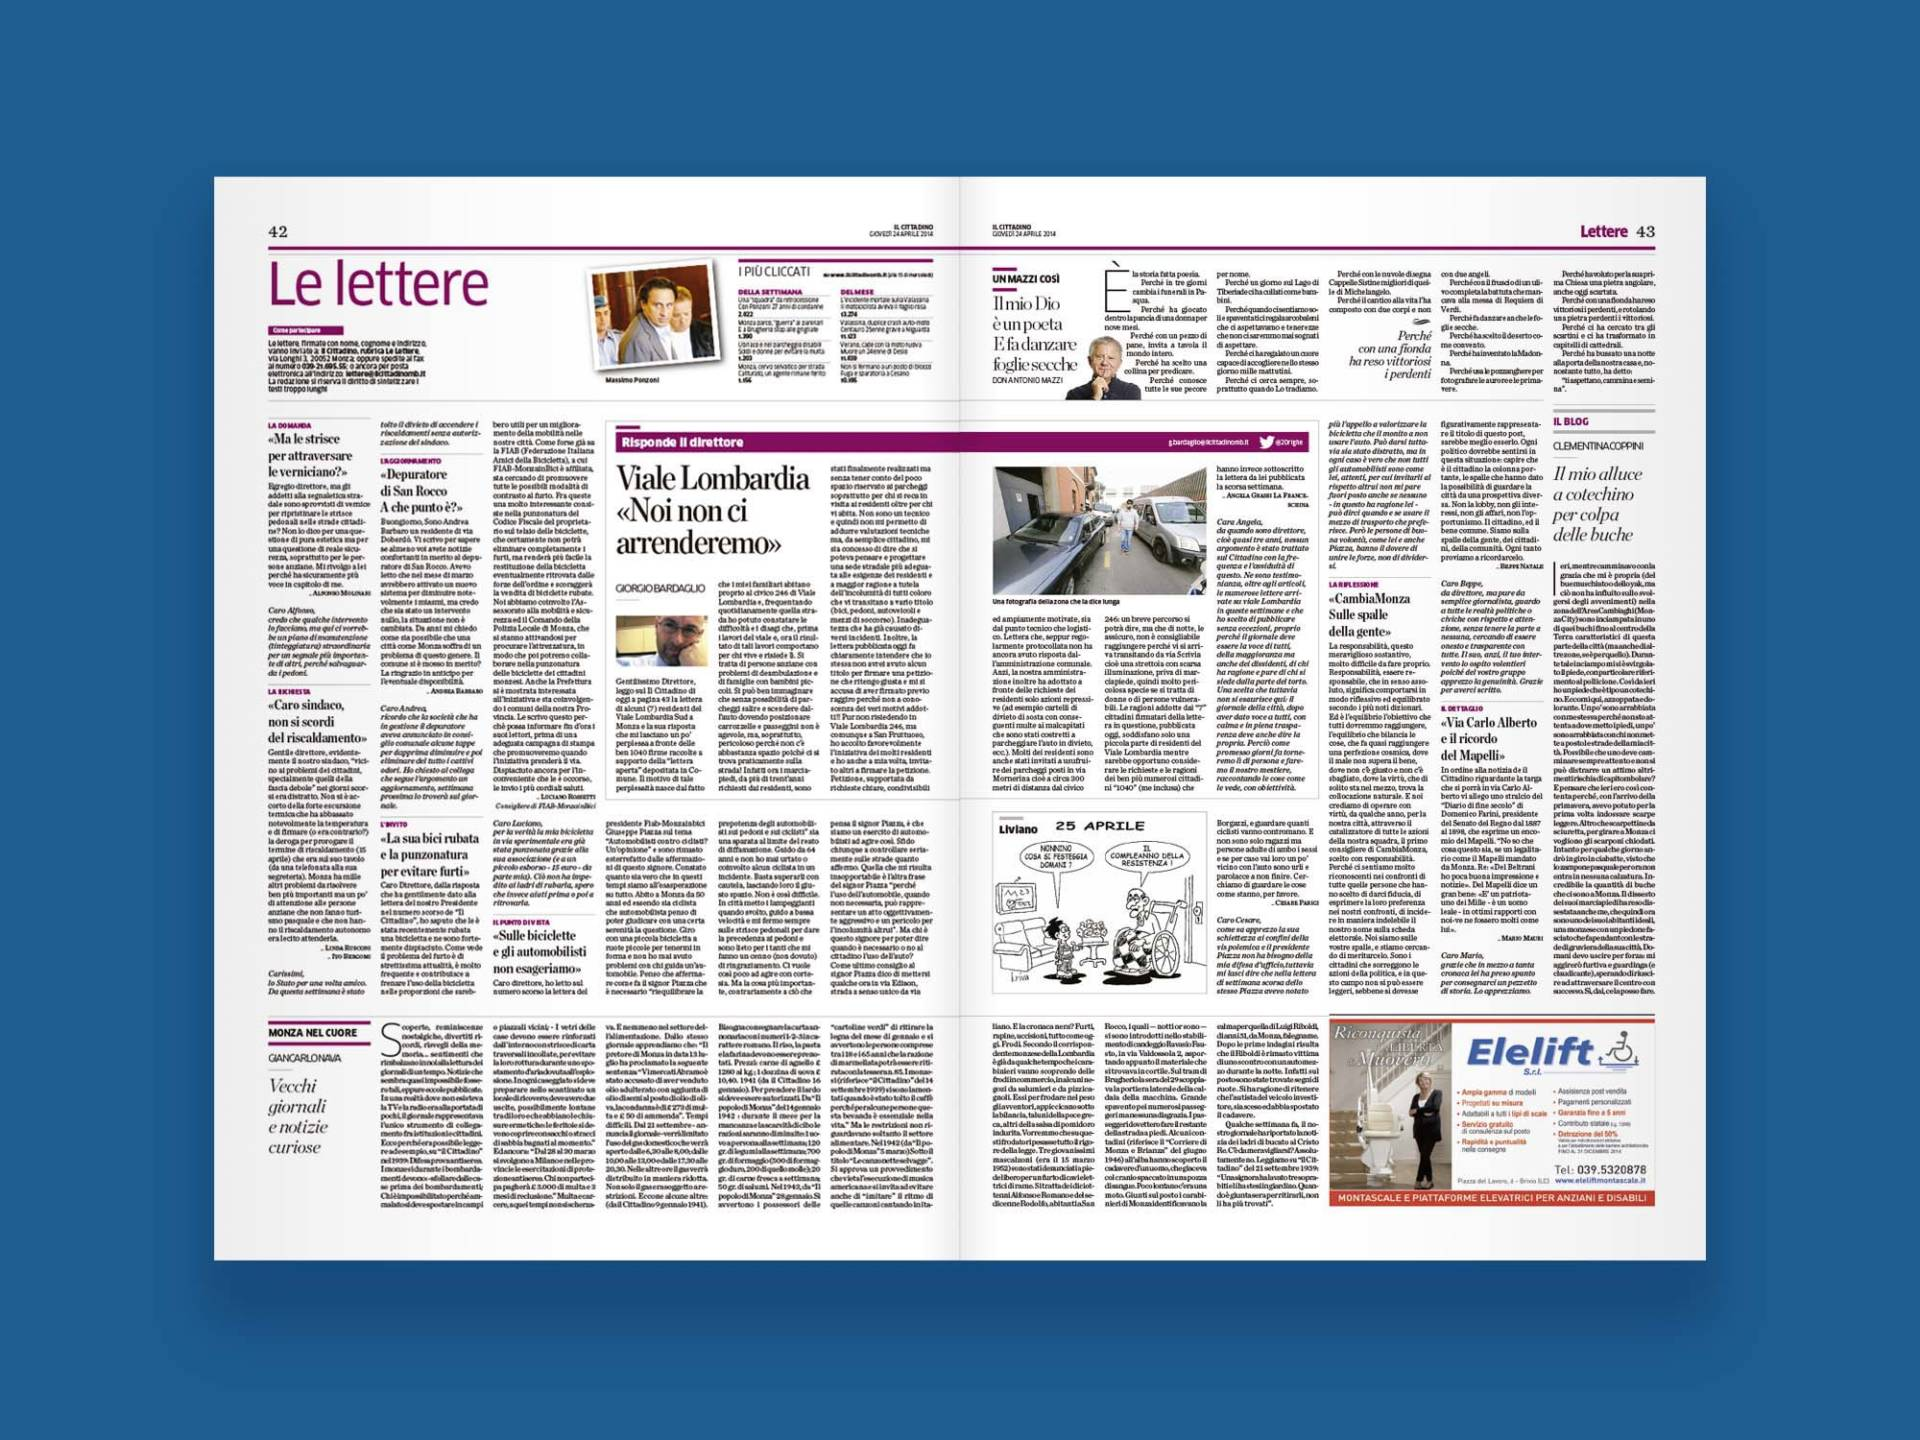 Il_Cittadino_di_Monza_e_Brianza_04_Wenceslau_News_Design